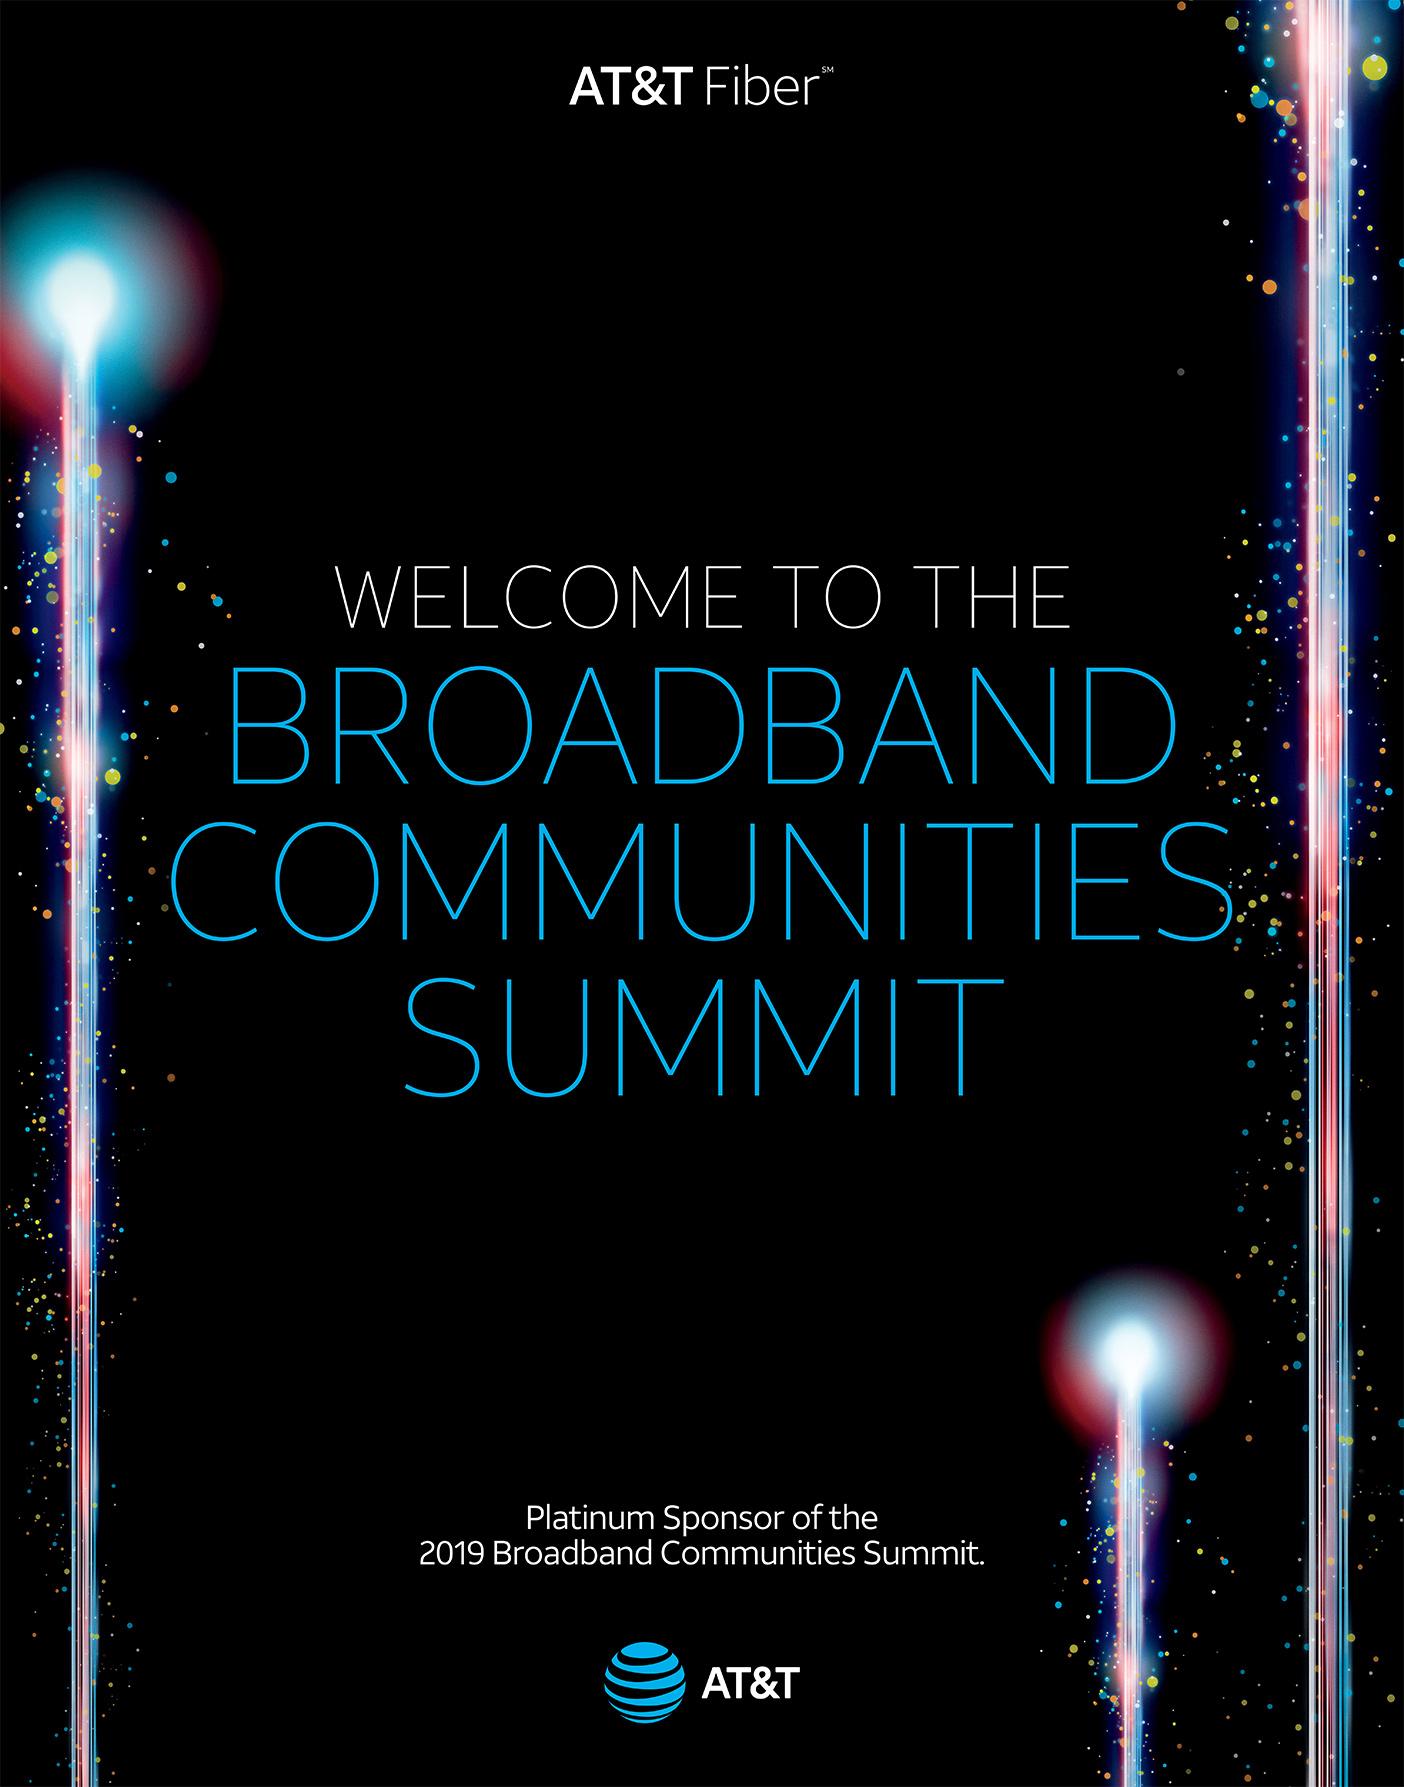 MDU_BBC_Summit_02a